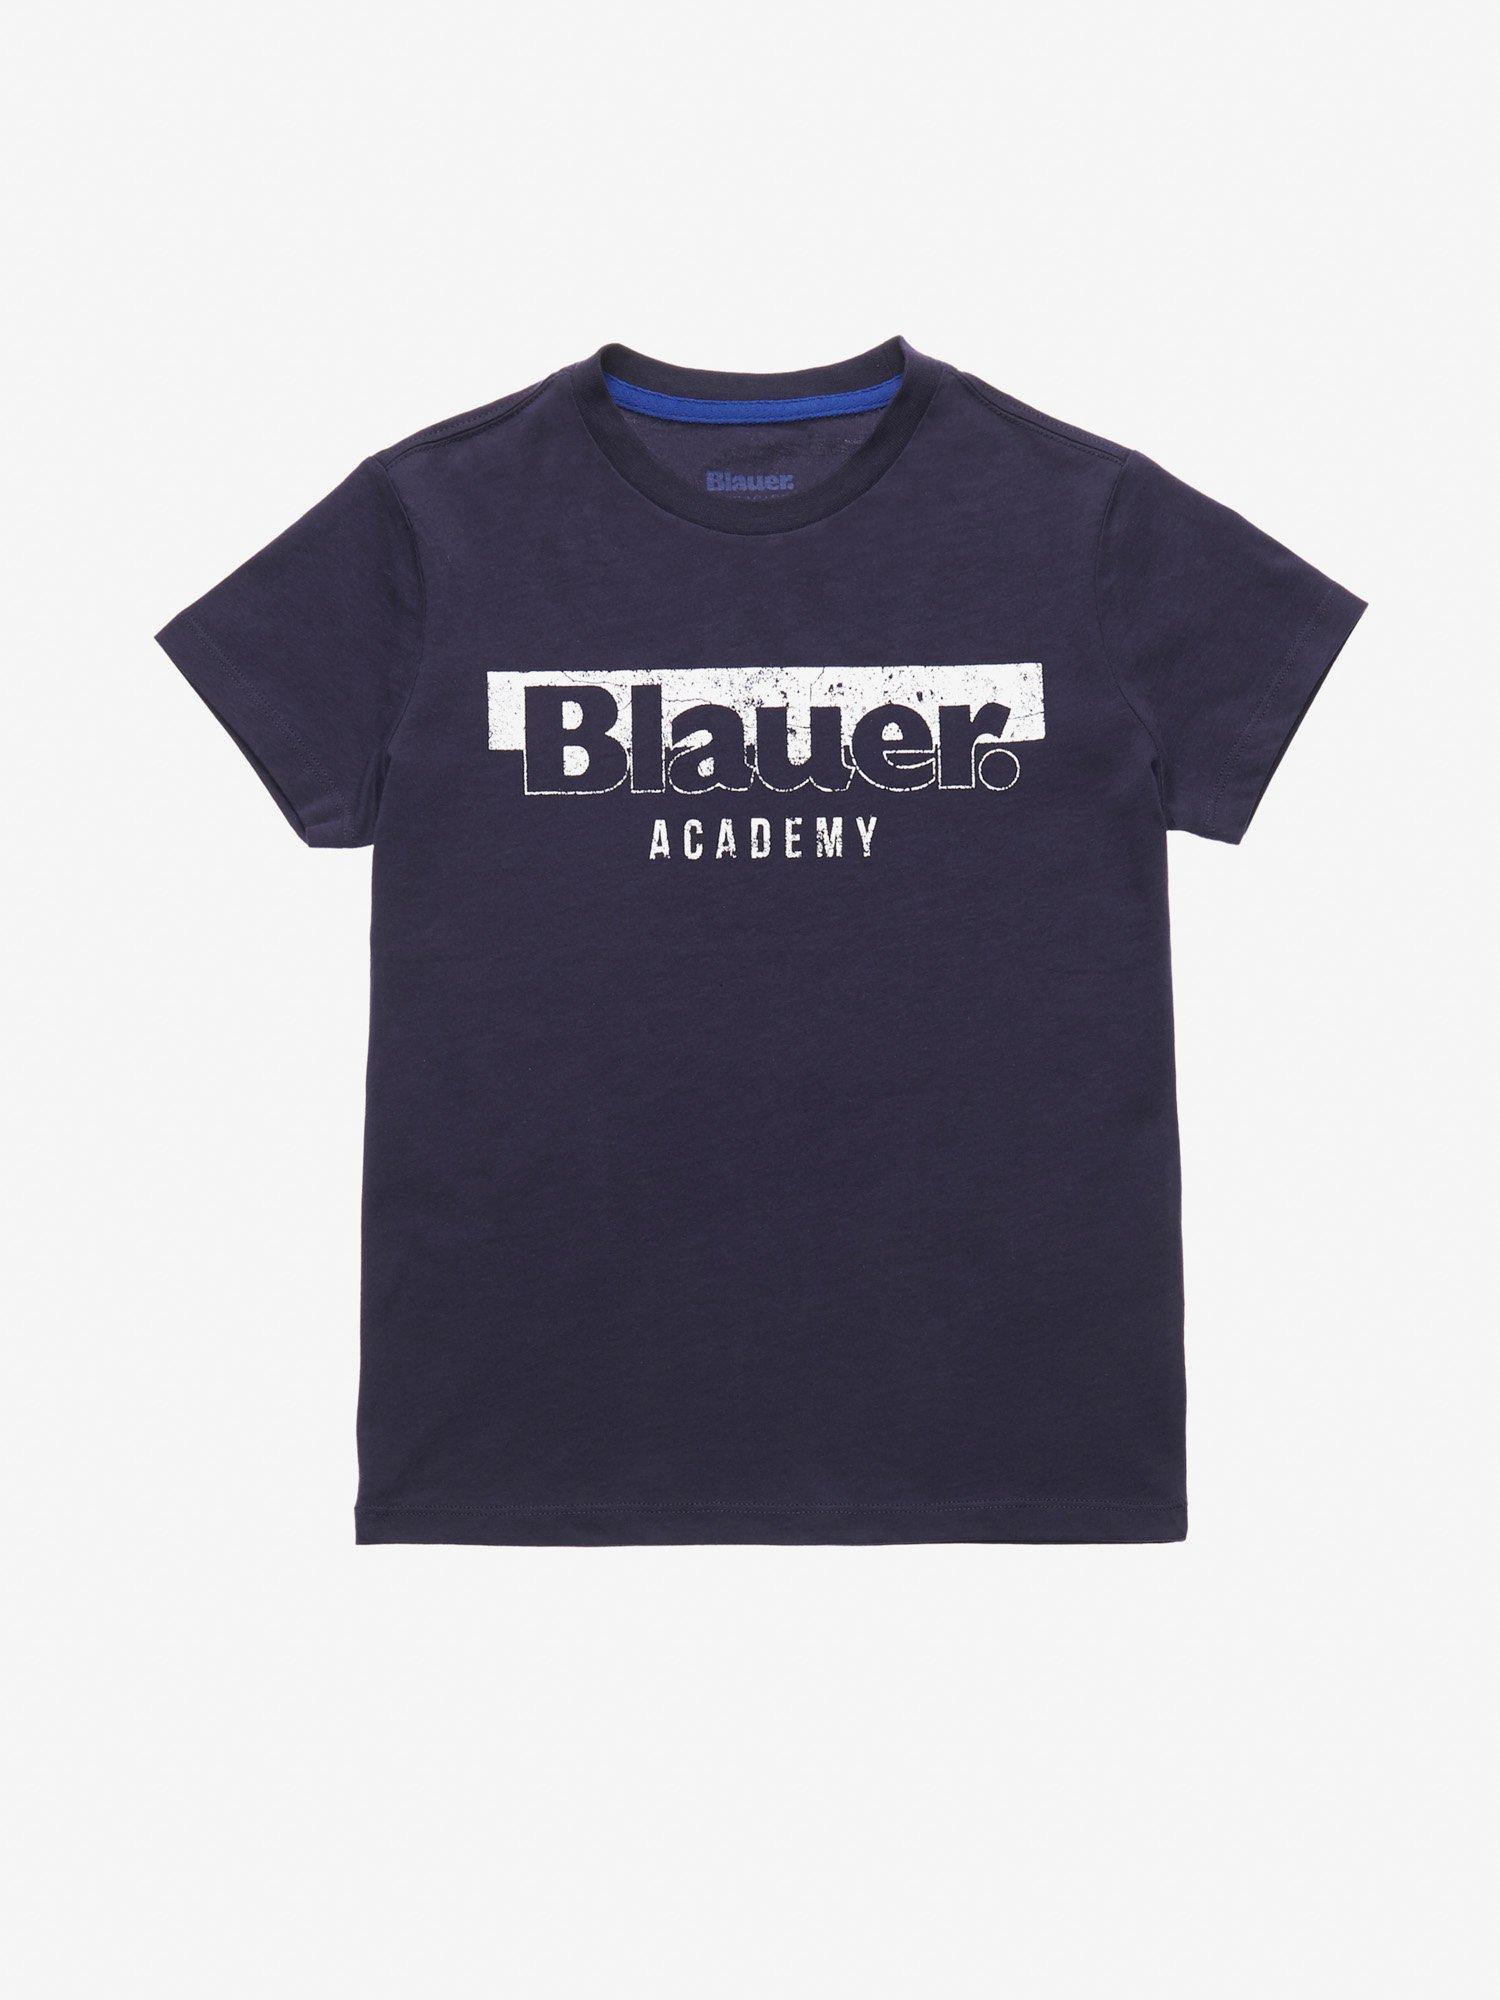 T-SHIRT JUNIOR BLAUER ACADEMY - Blauer